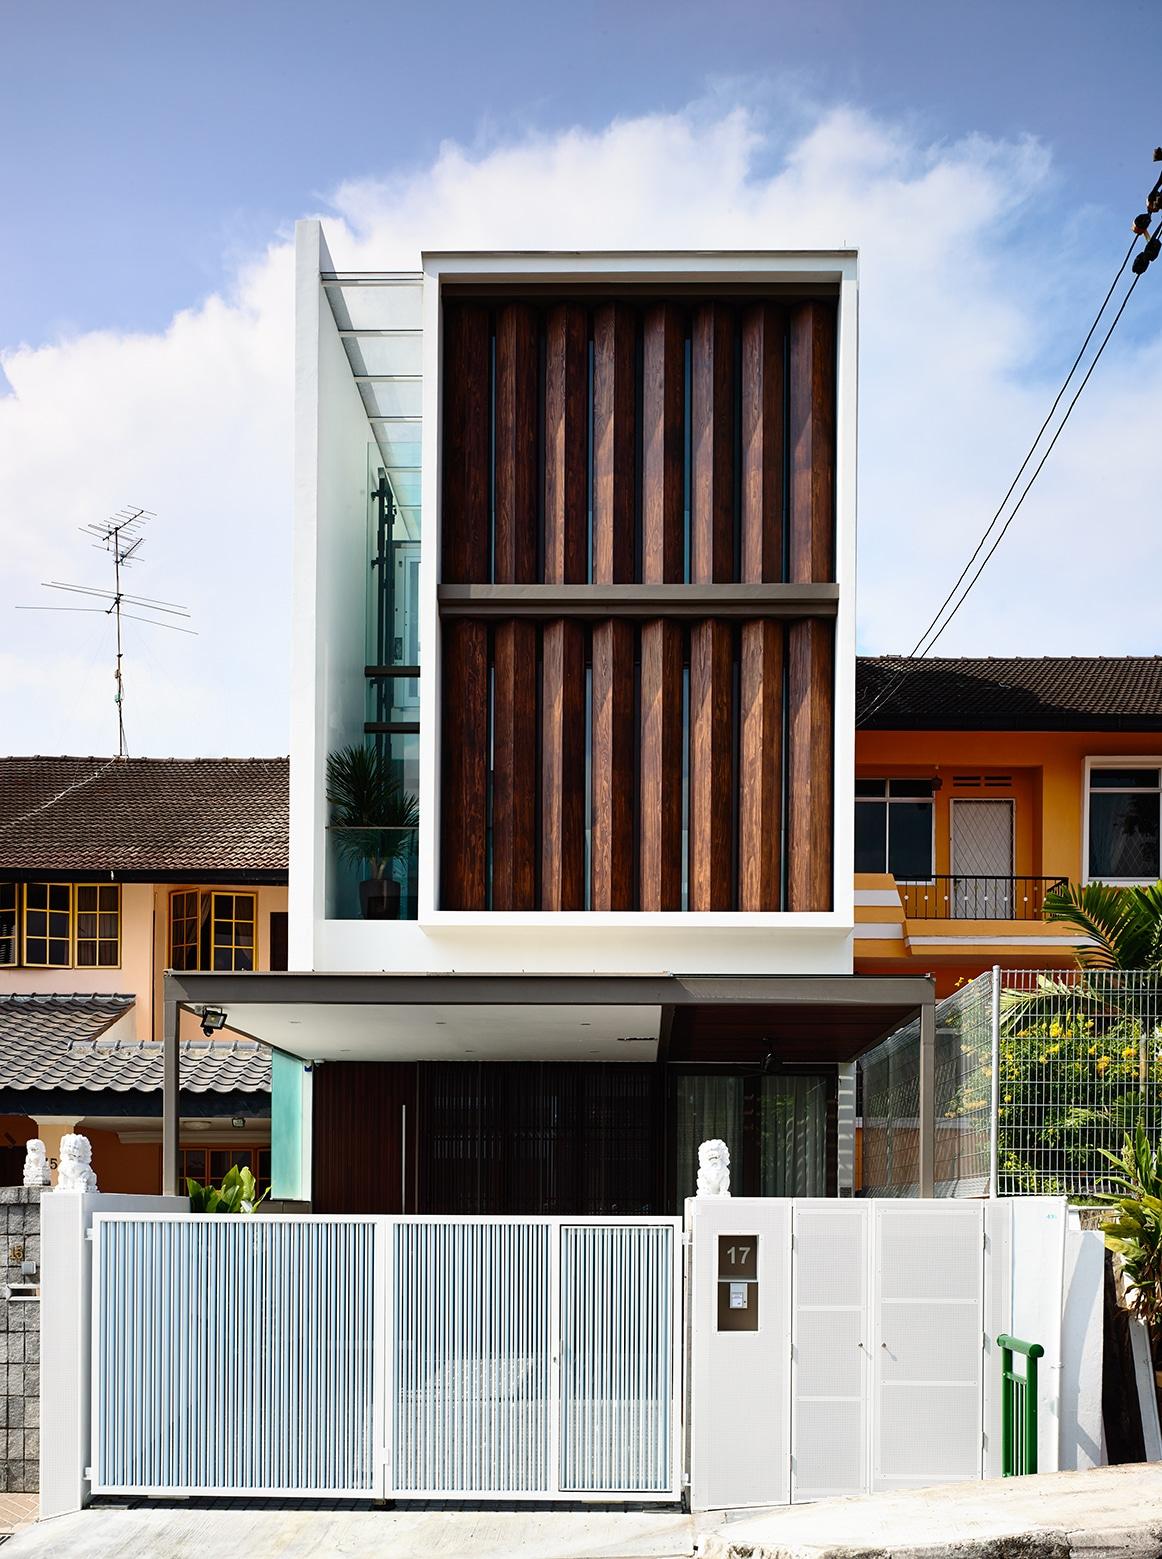 Planos de casa angosta y larga tres pisos construye hogar for Casa minimalista 3 pisos